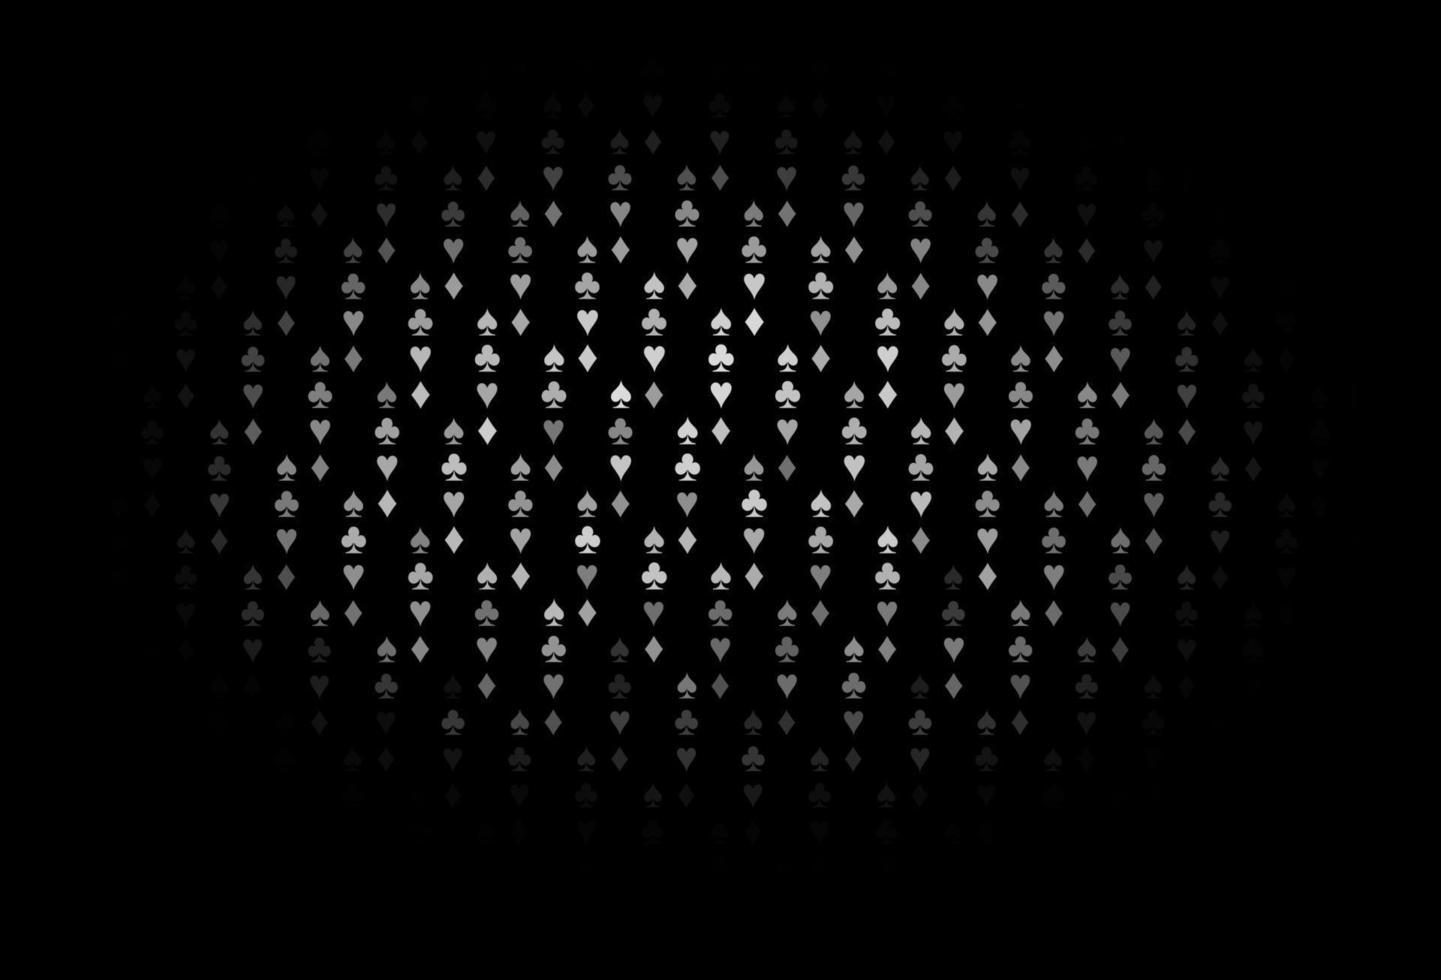 modelo de vetor cinza escuro, prata com símbolos de pôquer.